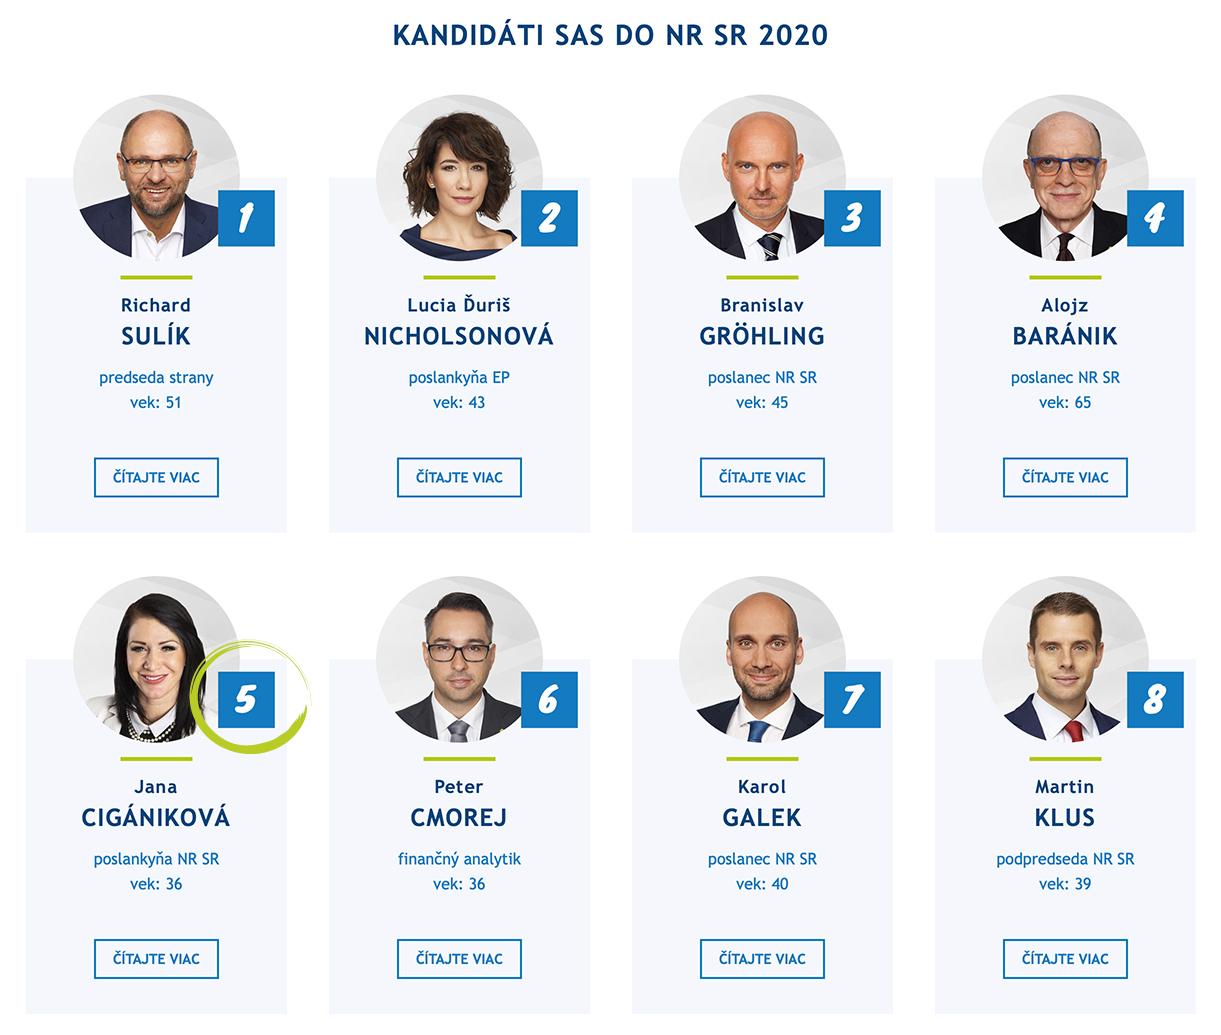 kandidati-SaS-Janka-Ciganikova-01